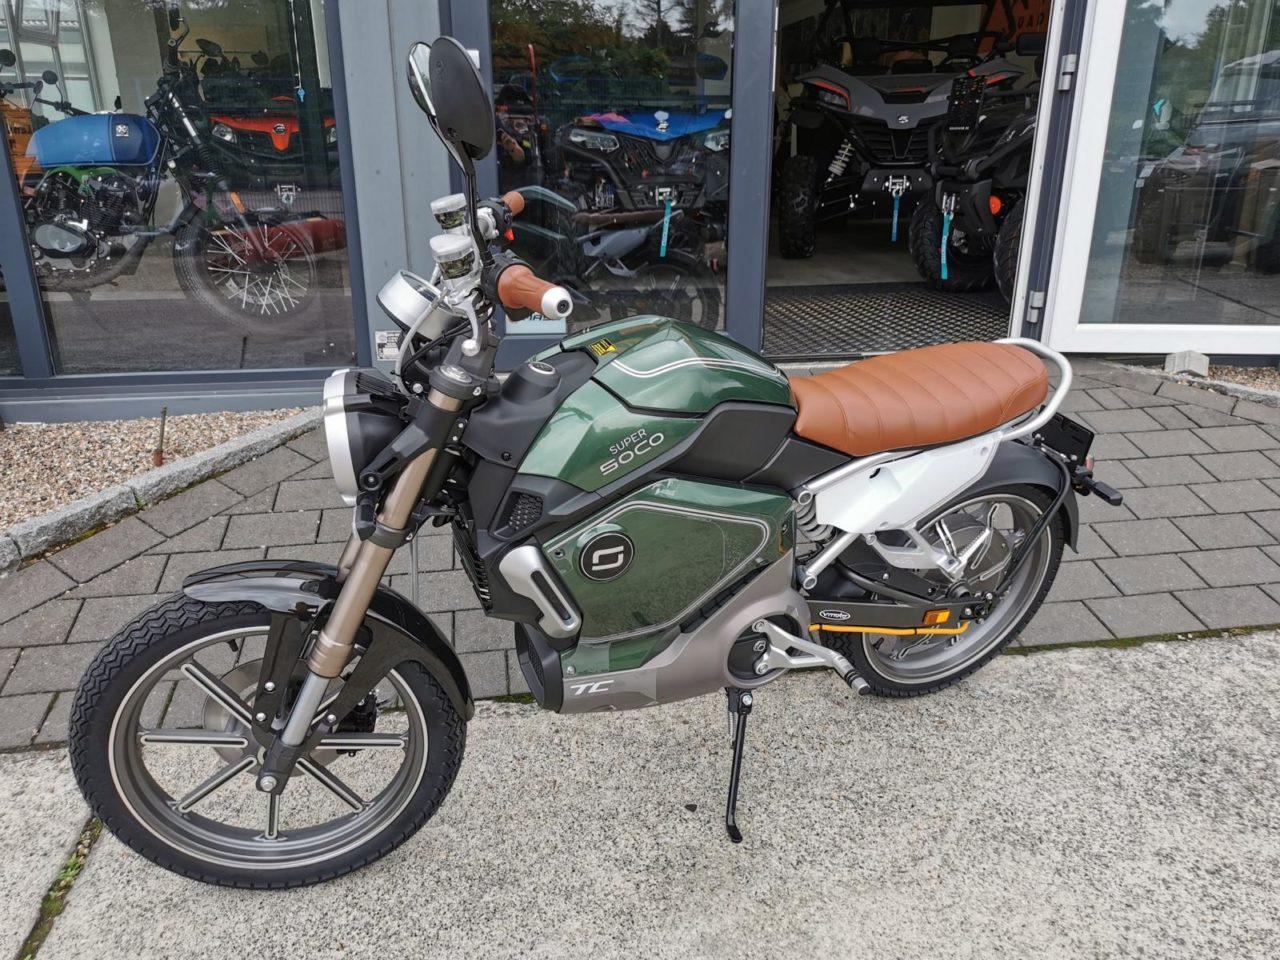 Elektromotorrad, Motorrad, Elektromoped SUPERSOCO TC 45